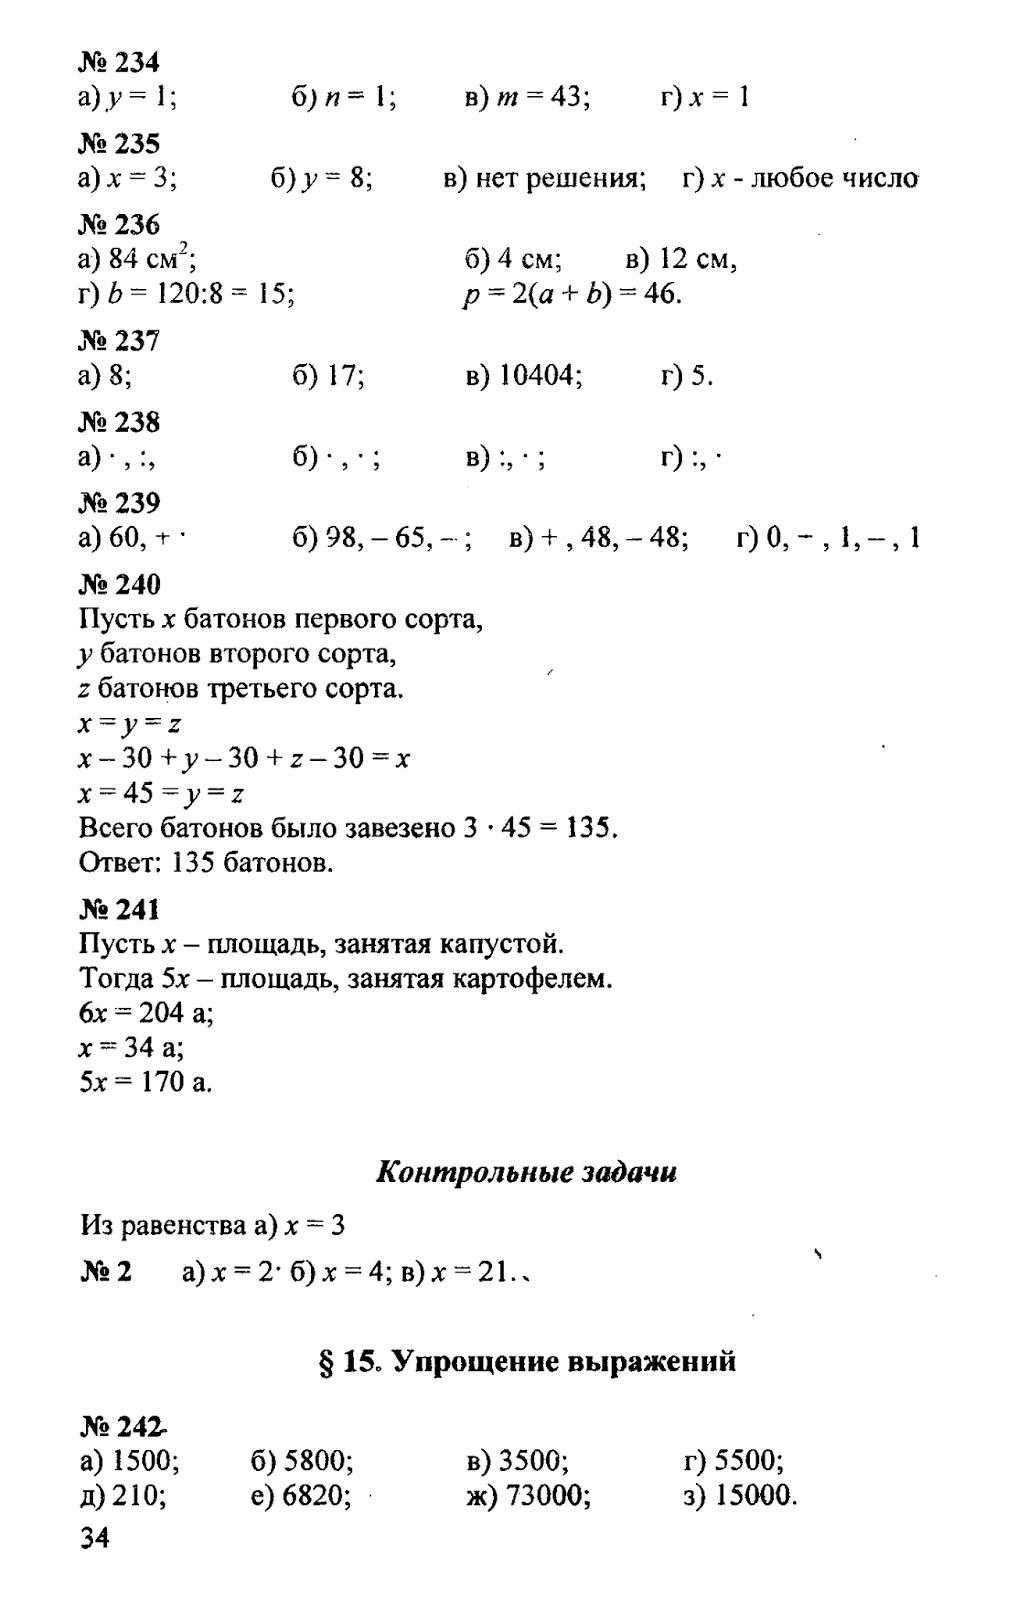 Гдз по математике 5 класс автор